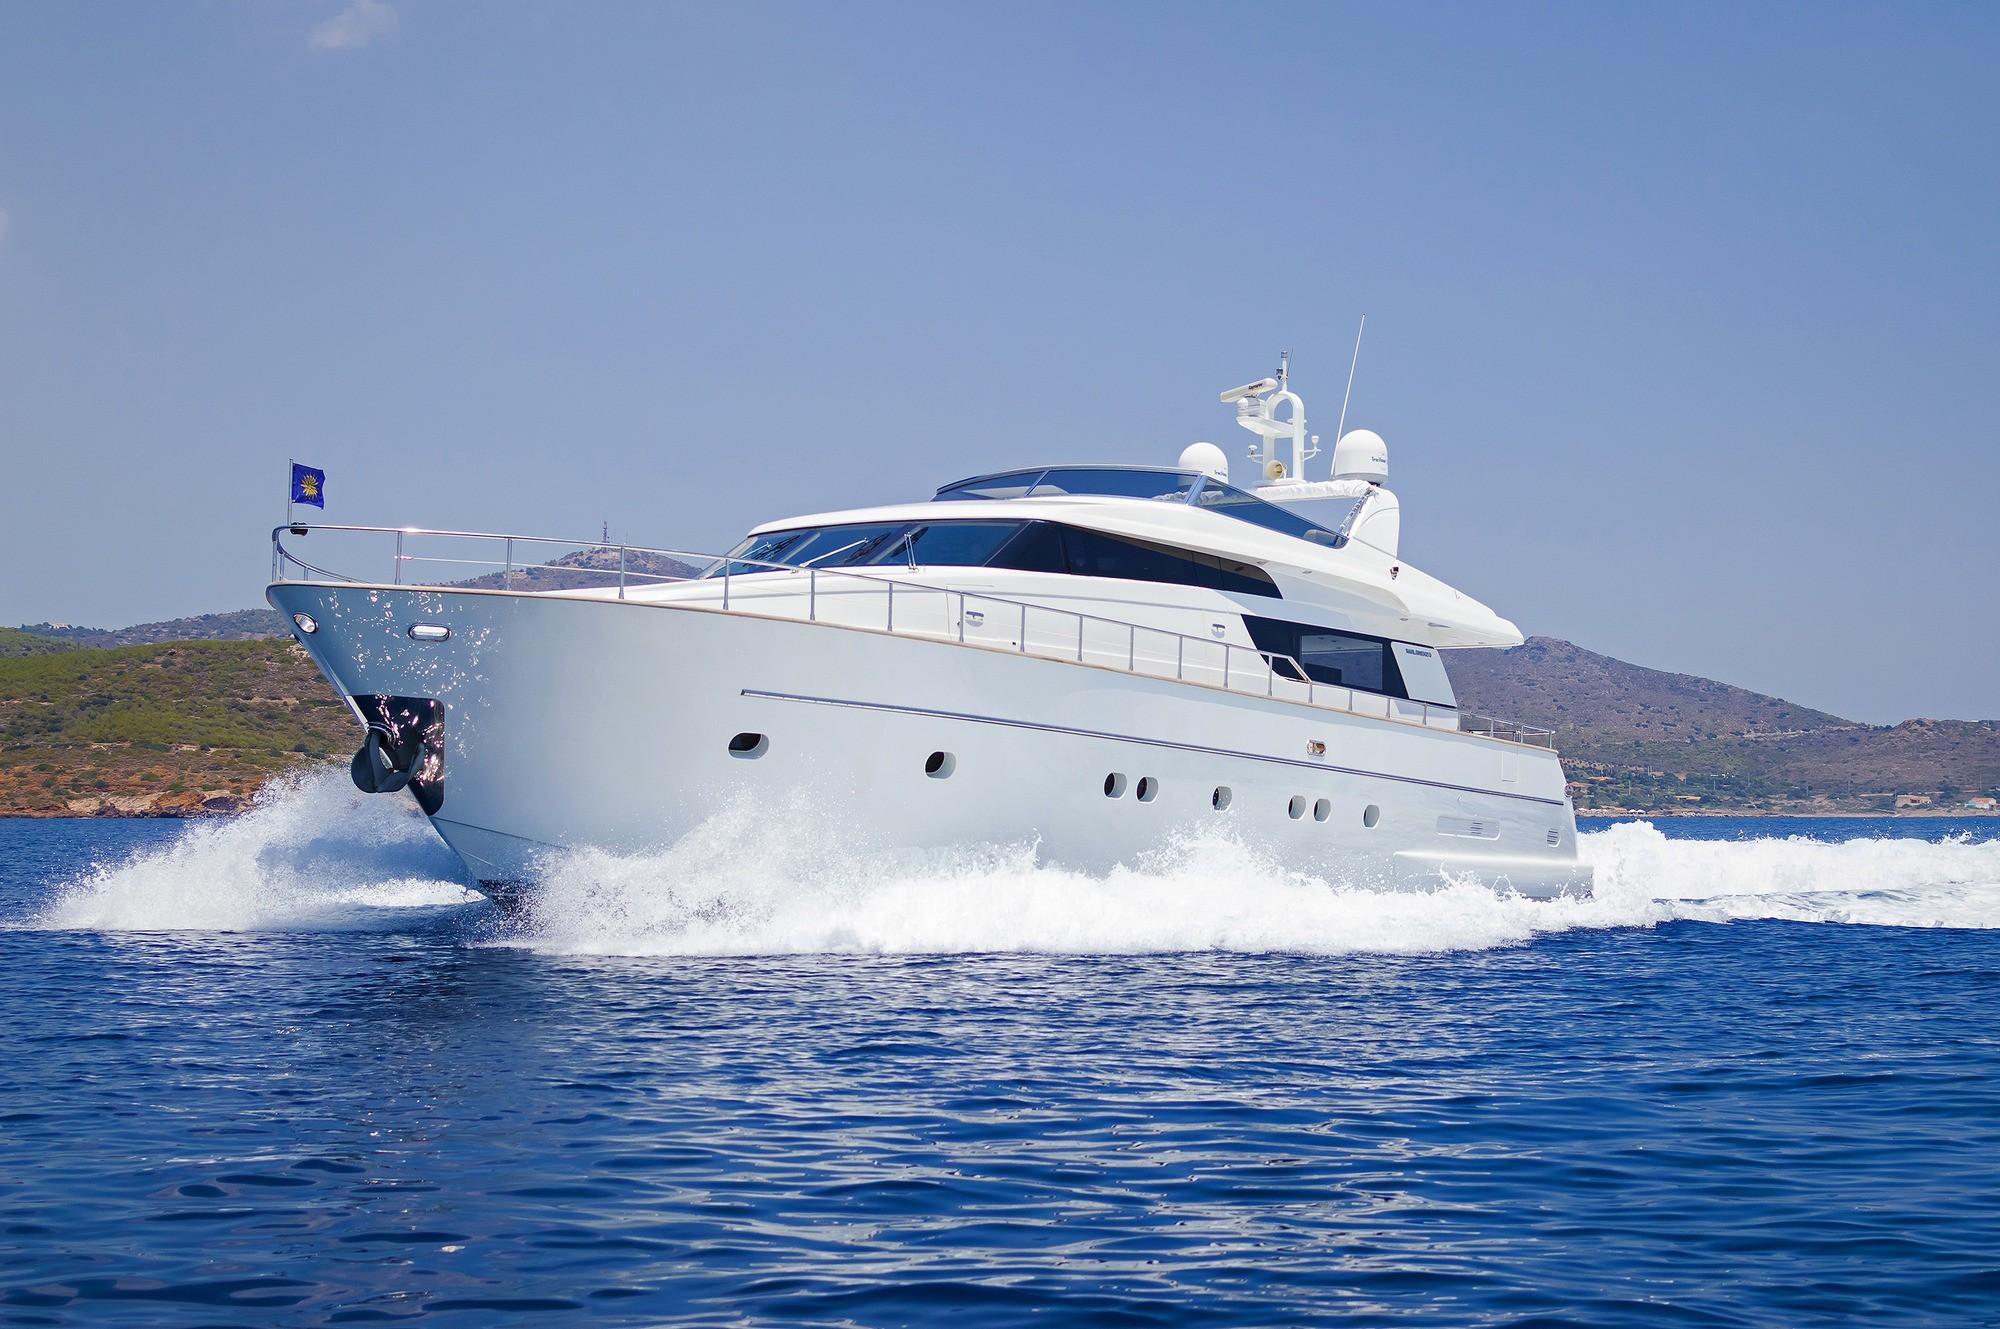 The 21m Yacht FOS